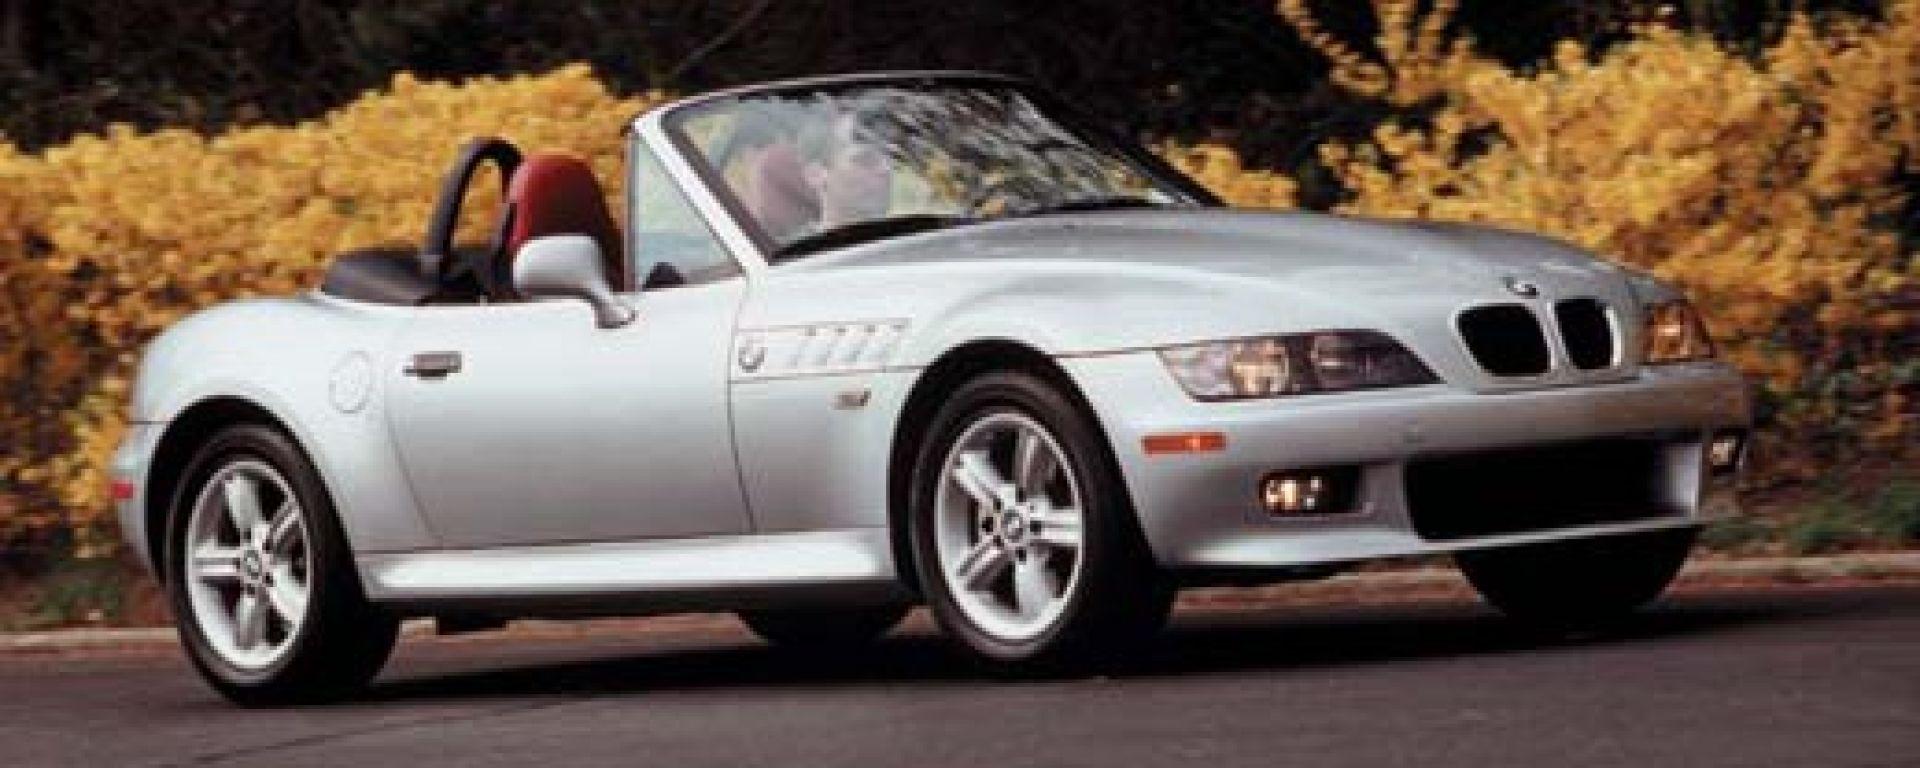 Bmw Z3 roadster my 1999